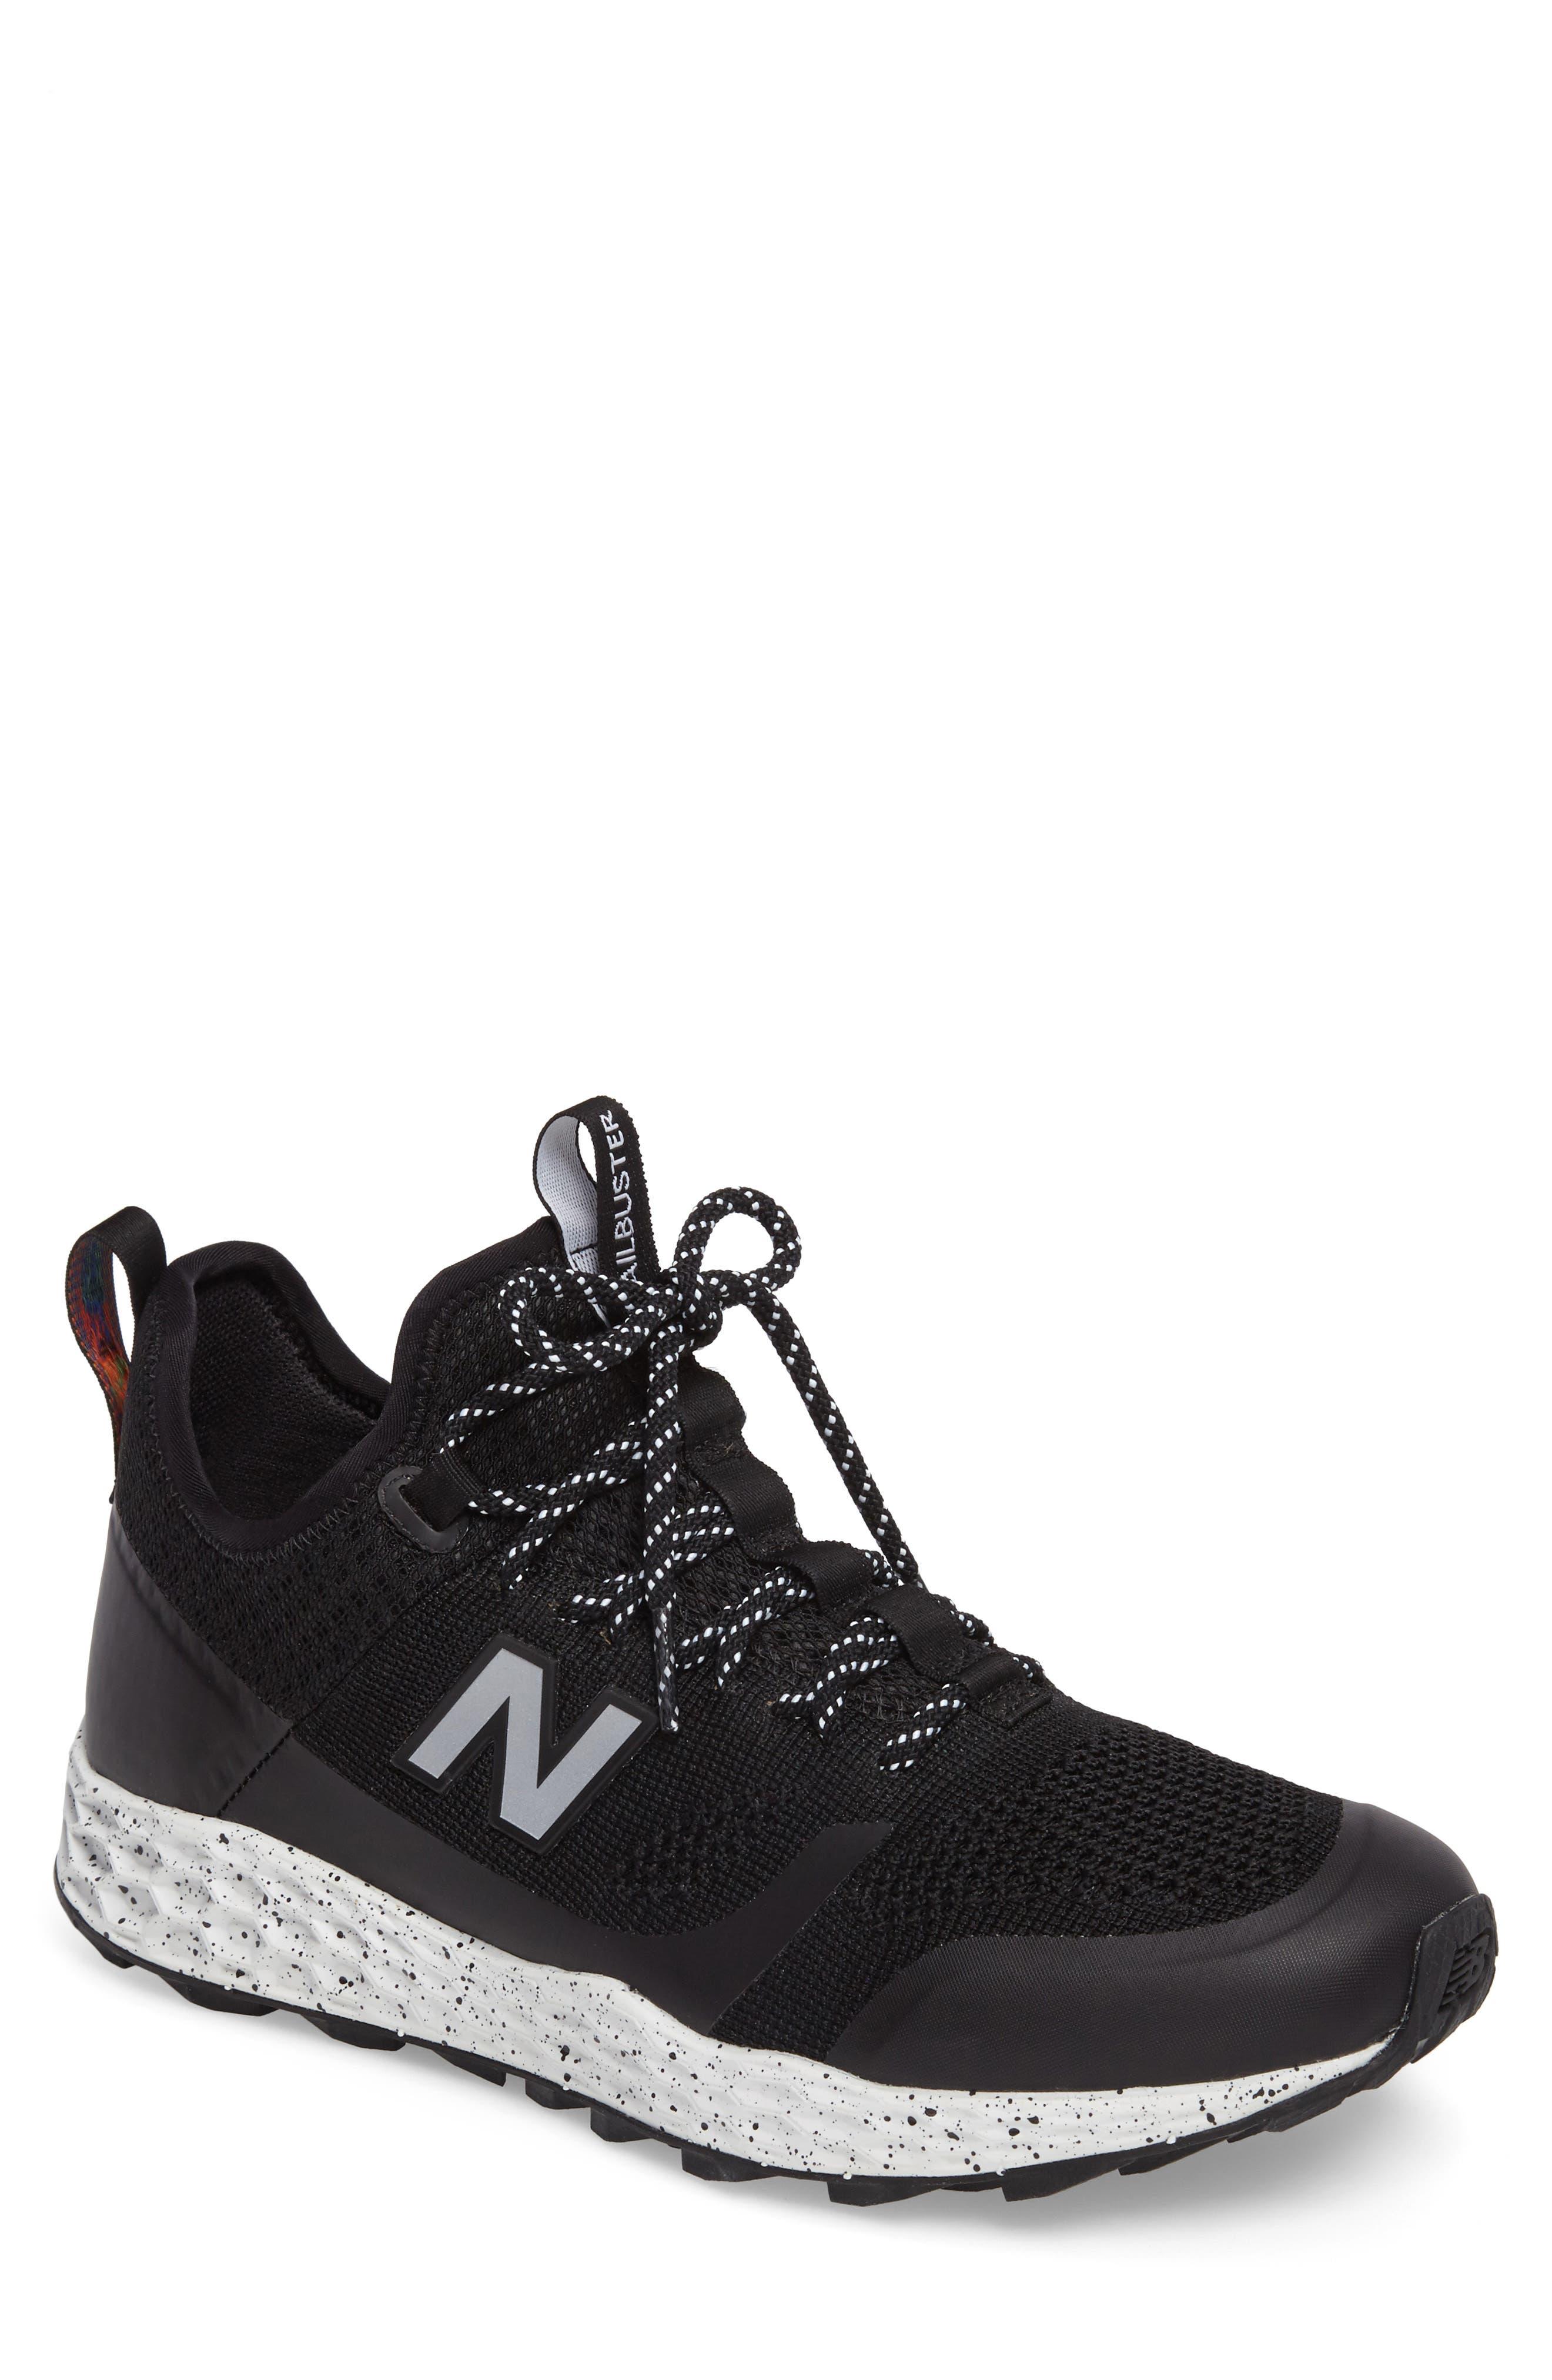 Alternate Image 1 Selected - New Balance Fresh Foam Trailbuster Sneaker (Men)